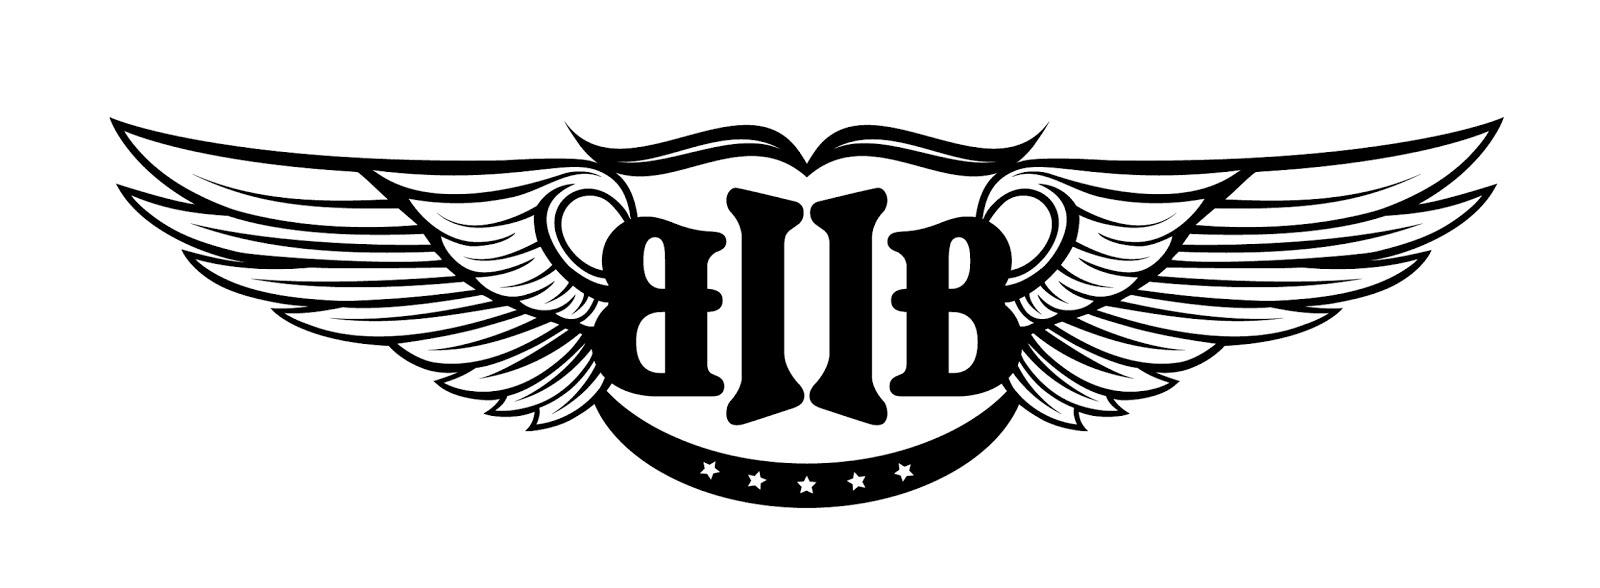 btob logo im born to beat